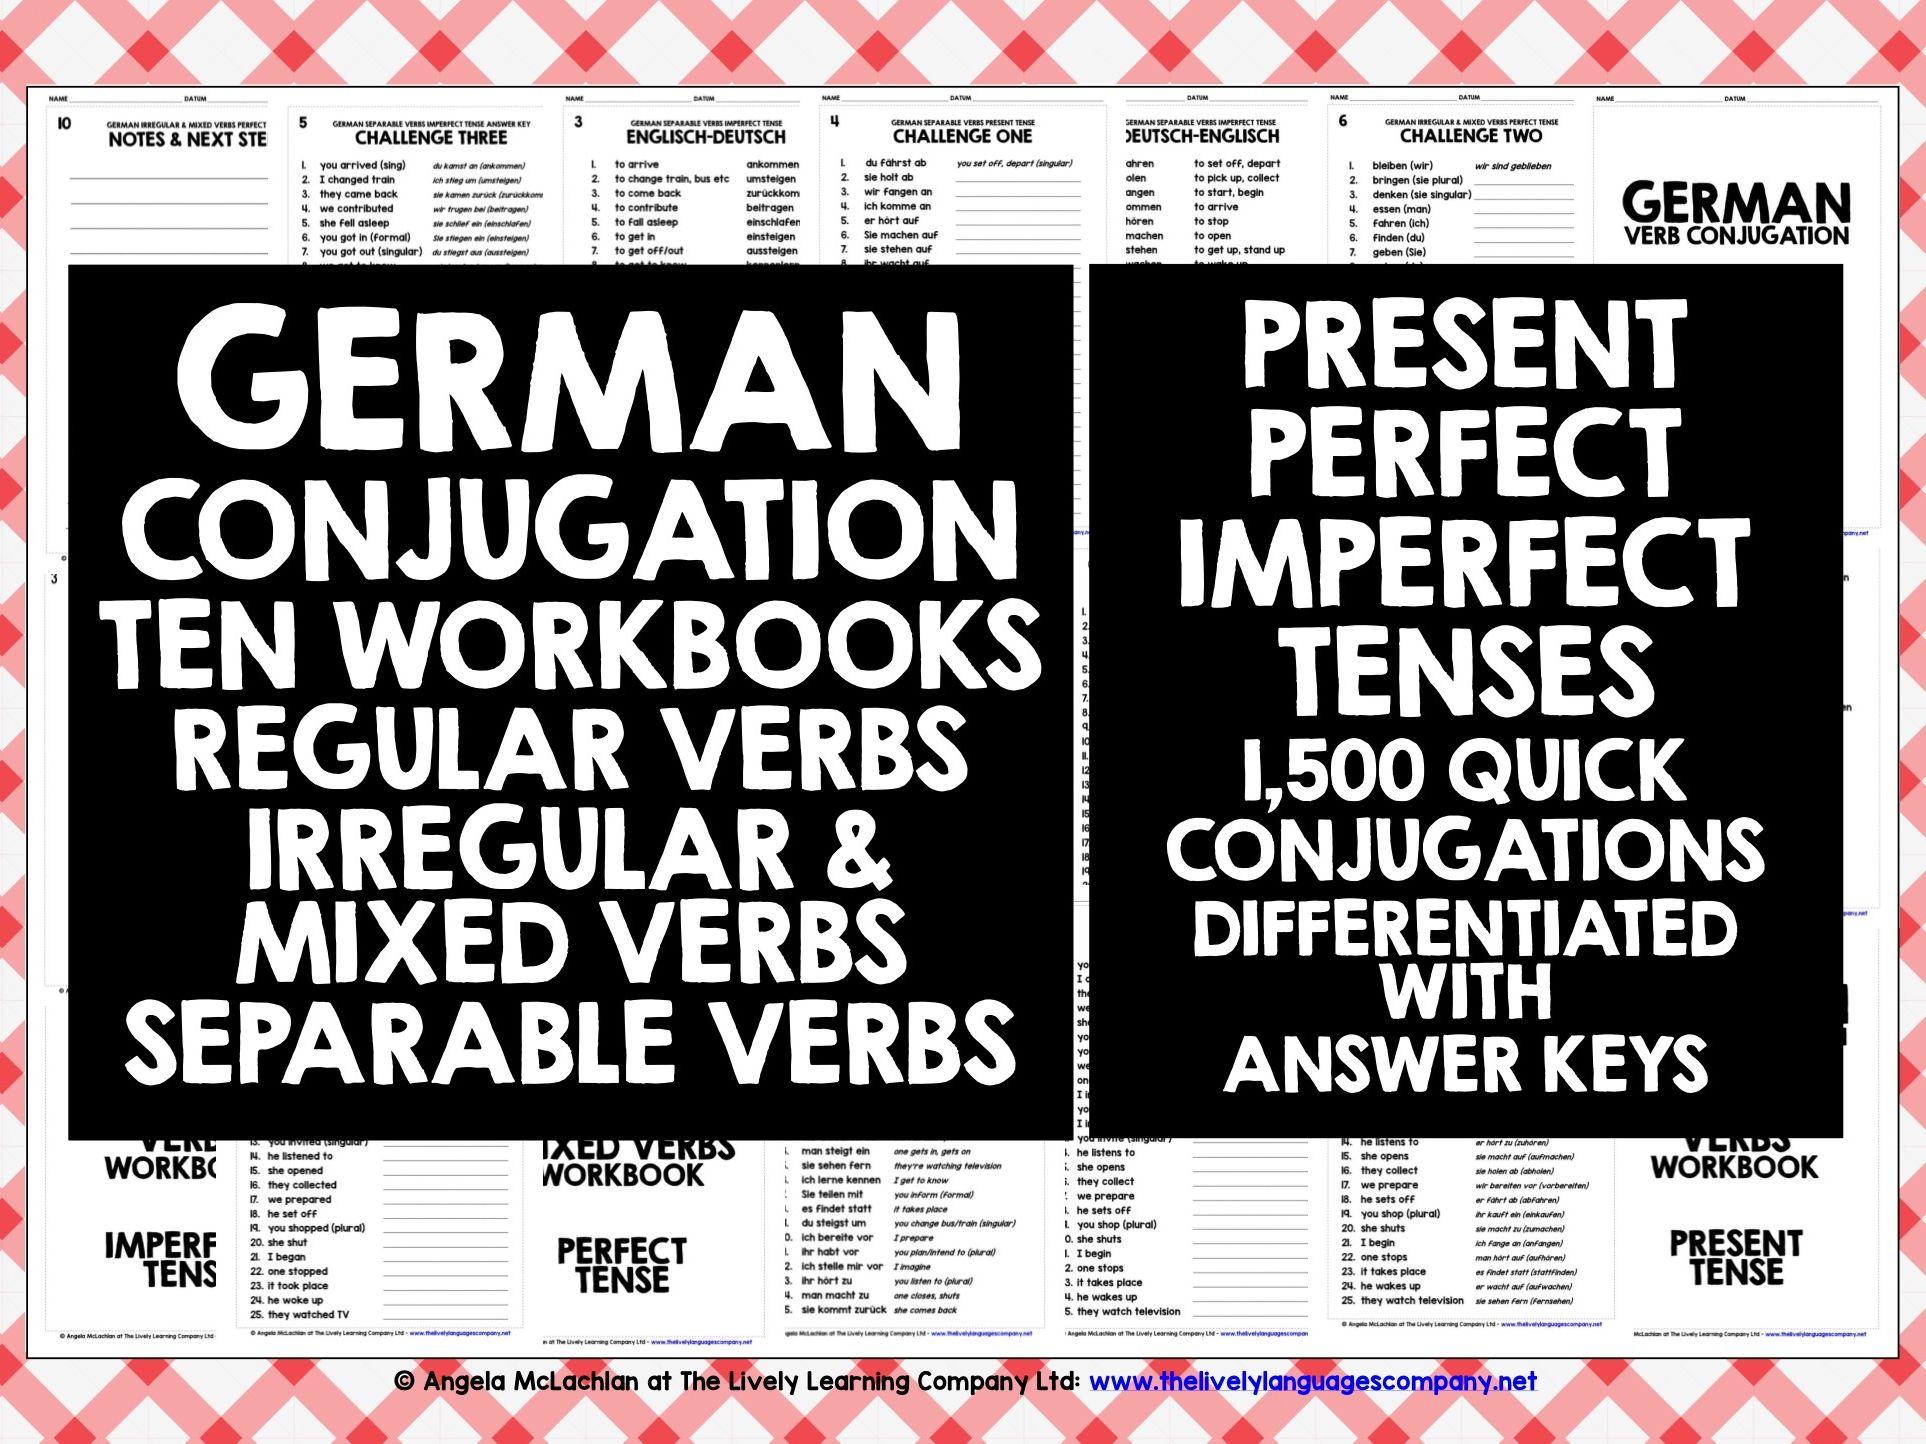 GERMAN VERBS #1